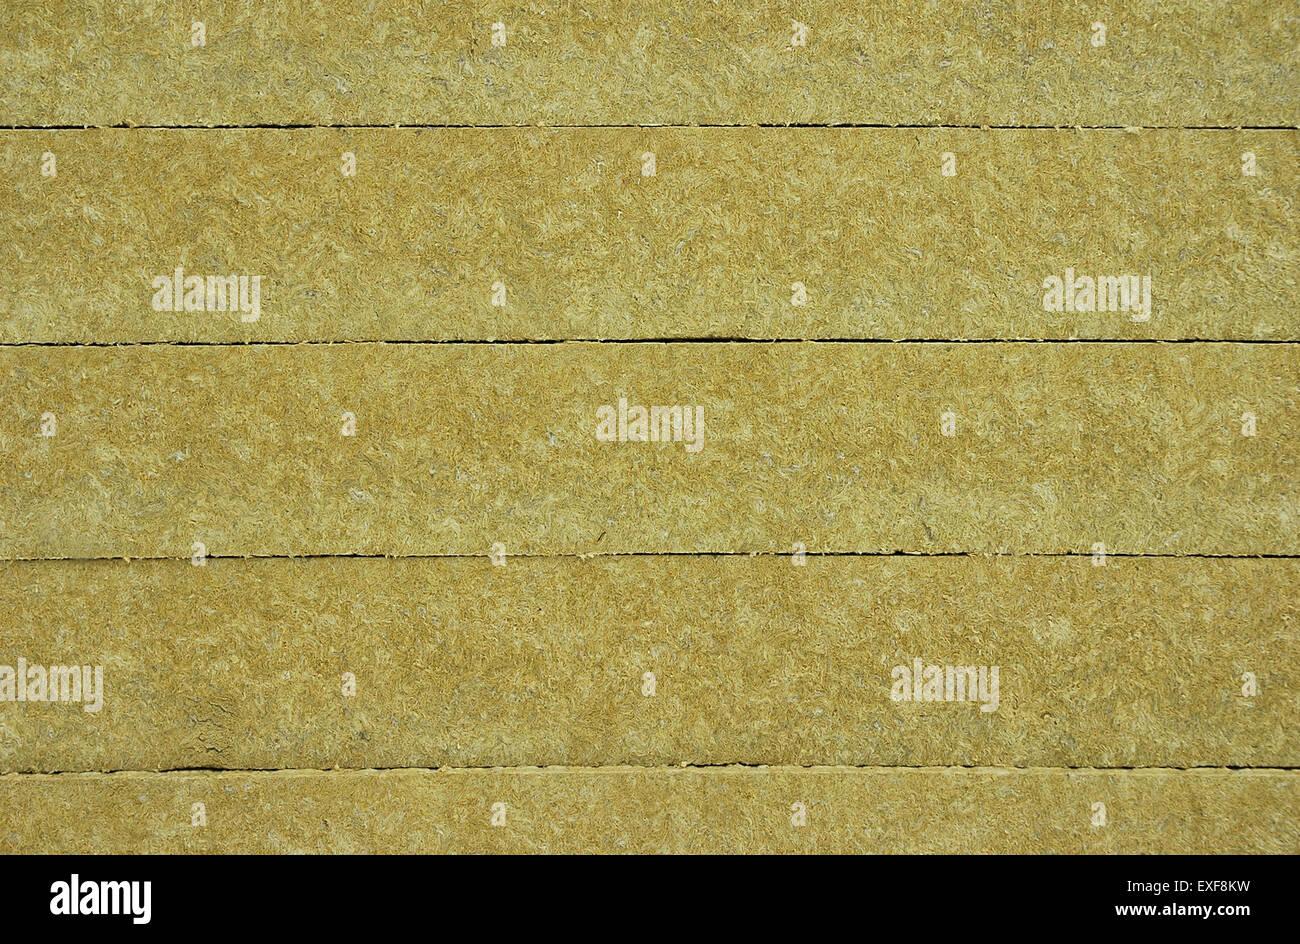 Warmedammung Material Steinwolle Textur Stockfoto Bild 85158637